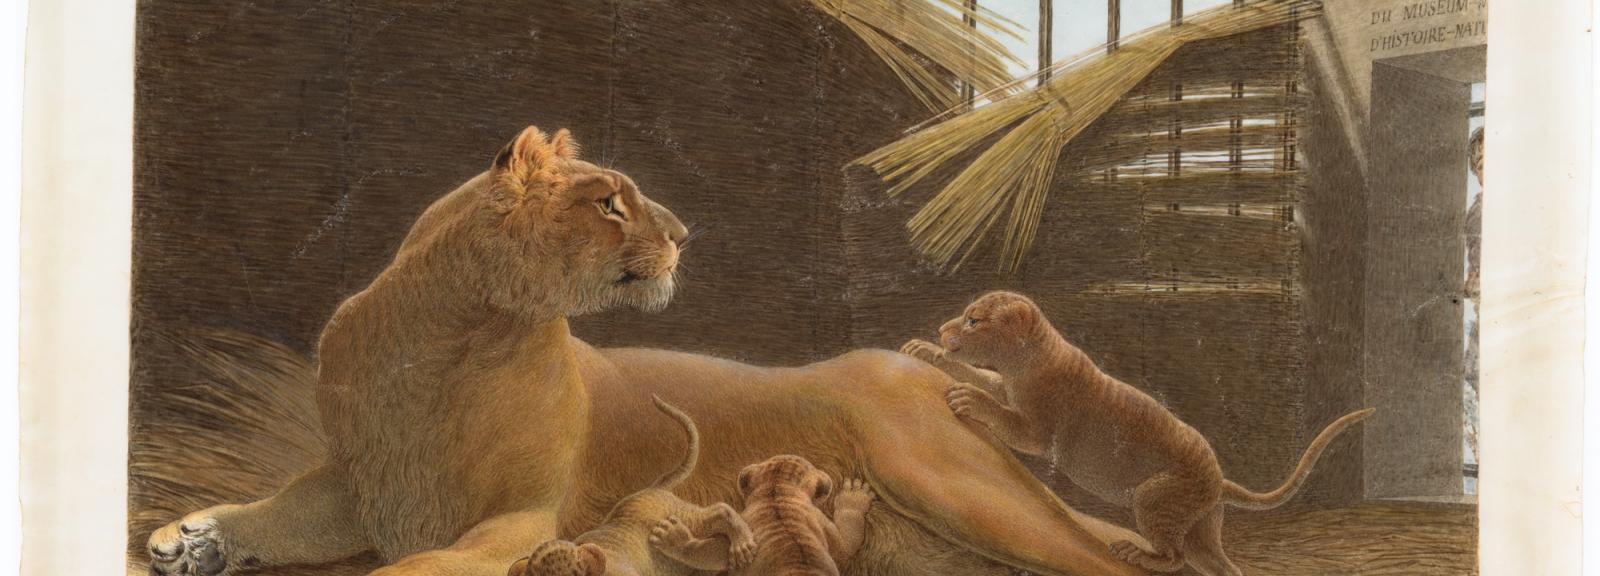 Constantine et ses lionceaux, arrivée en 1798 © Muséum national d'Histoire naturelle - Dist. RMN / Tony Querrec